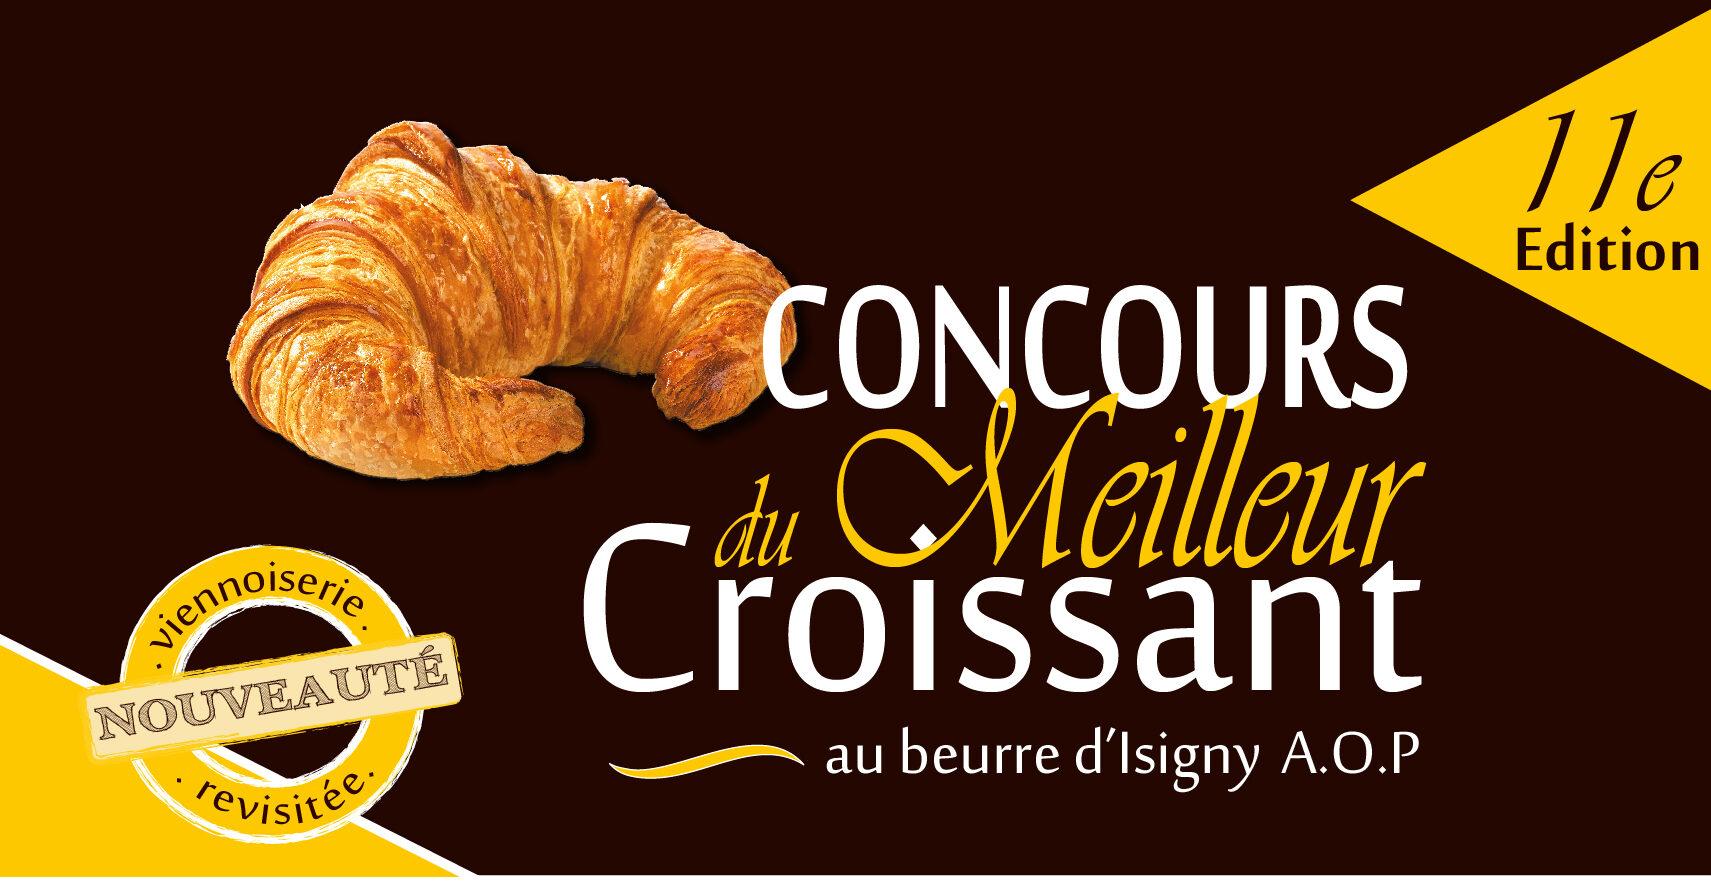 affiche-coucours-croissant-pour-actu-1.jpg